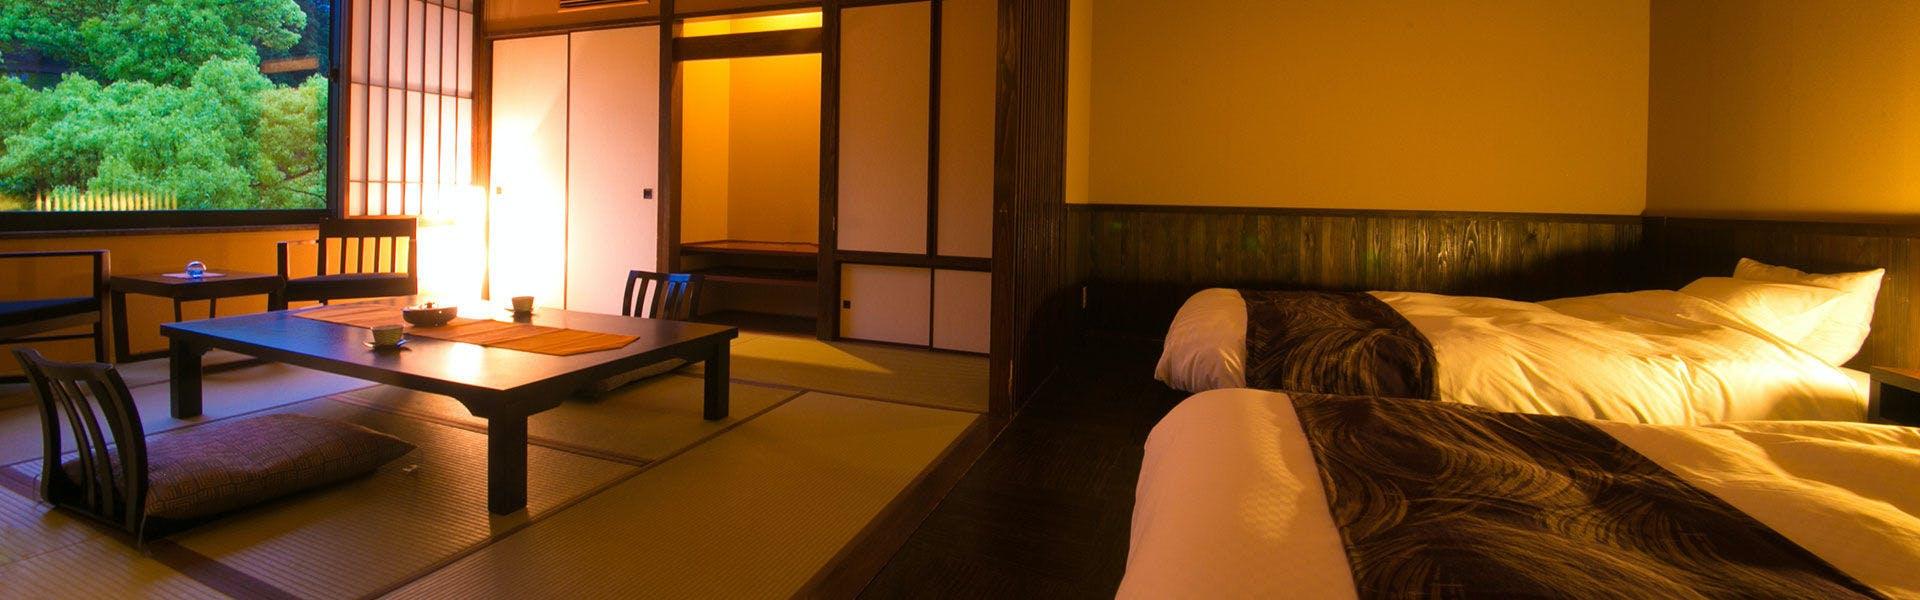 記念日におすすめのホテル・【湯めぐりの宿 楠水閣】の写真2